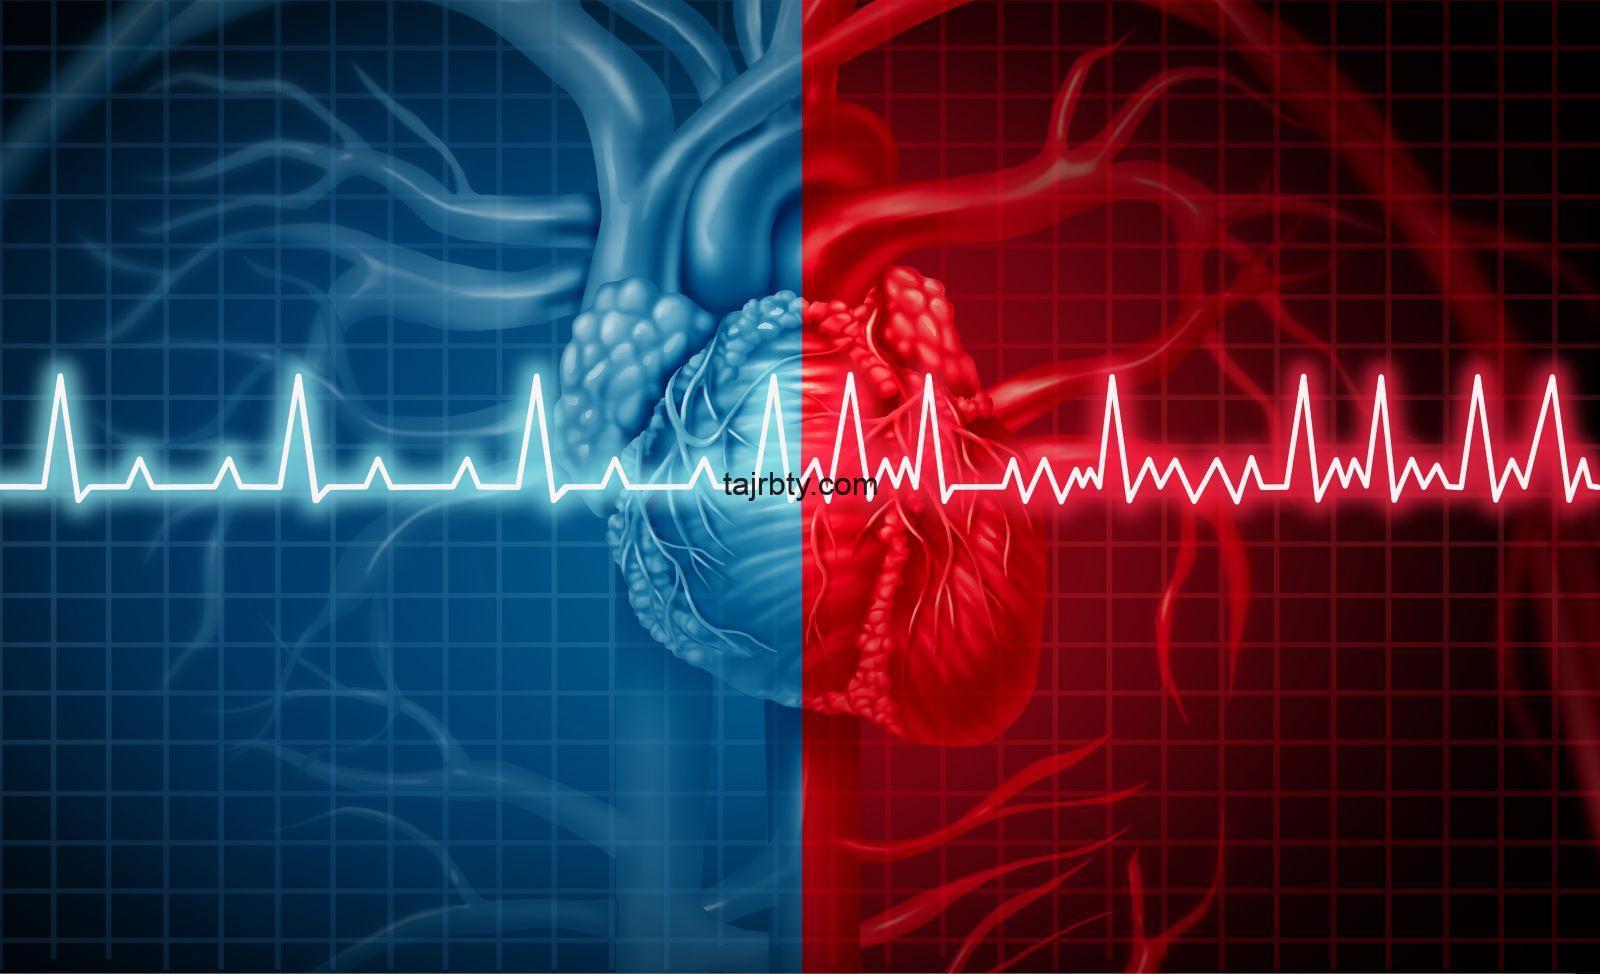 تجربتي مع كهرباء القلب